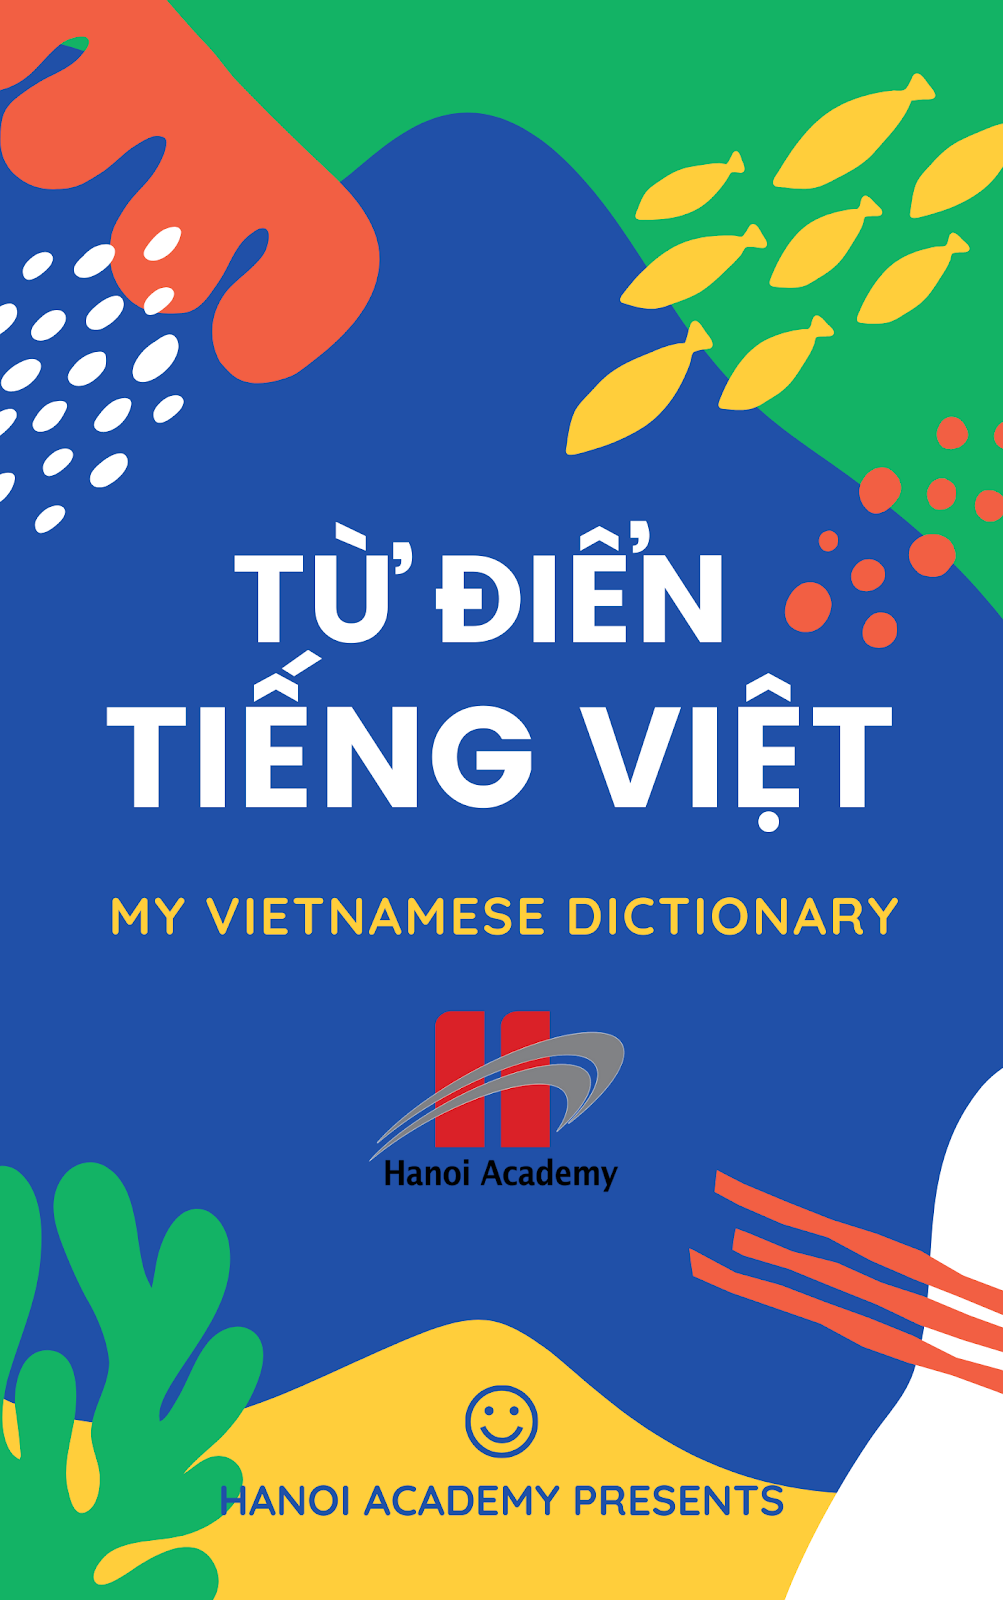 Trau dồi vốn từ vựng của trường Hanoi Academy Tọa đàm Phát Triển Vốn Từ Vựng – Báo cáo dự án My Vietnamese Dictionary